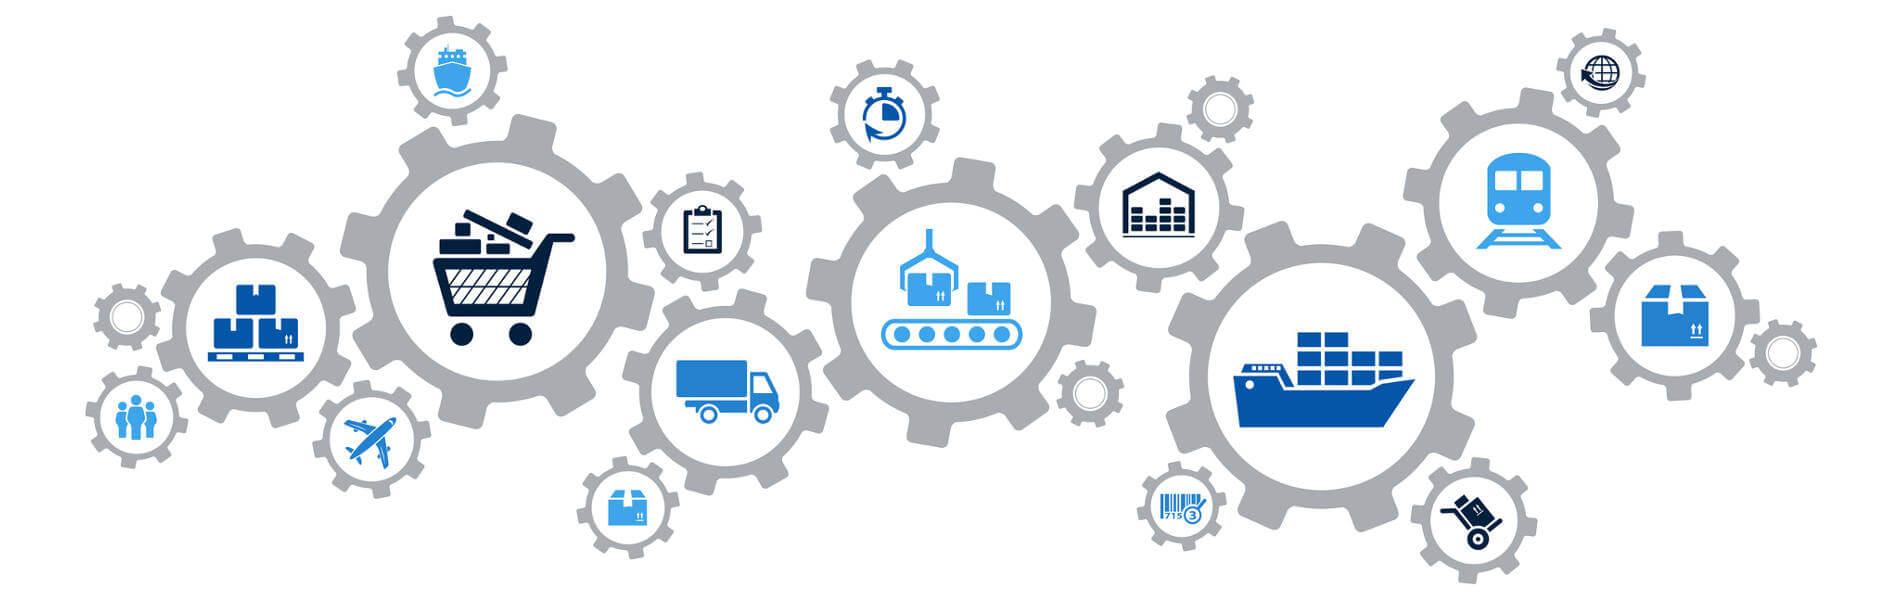 """Transparente Supply Chains: """"Offenheit in geschütztem Umfeld ist wichtig"""""""